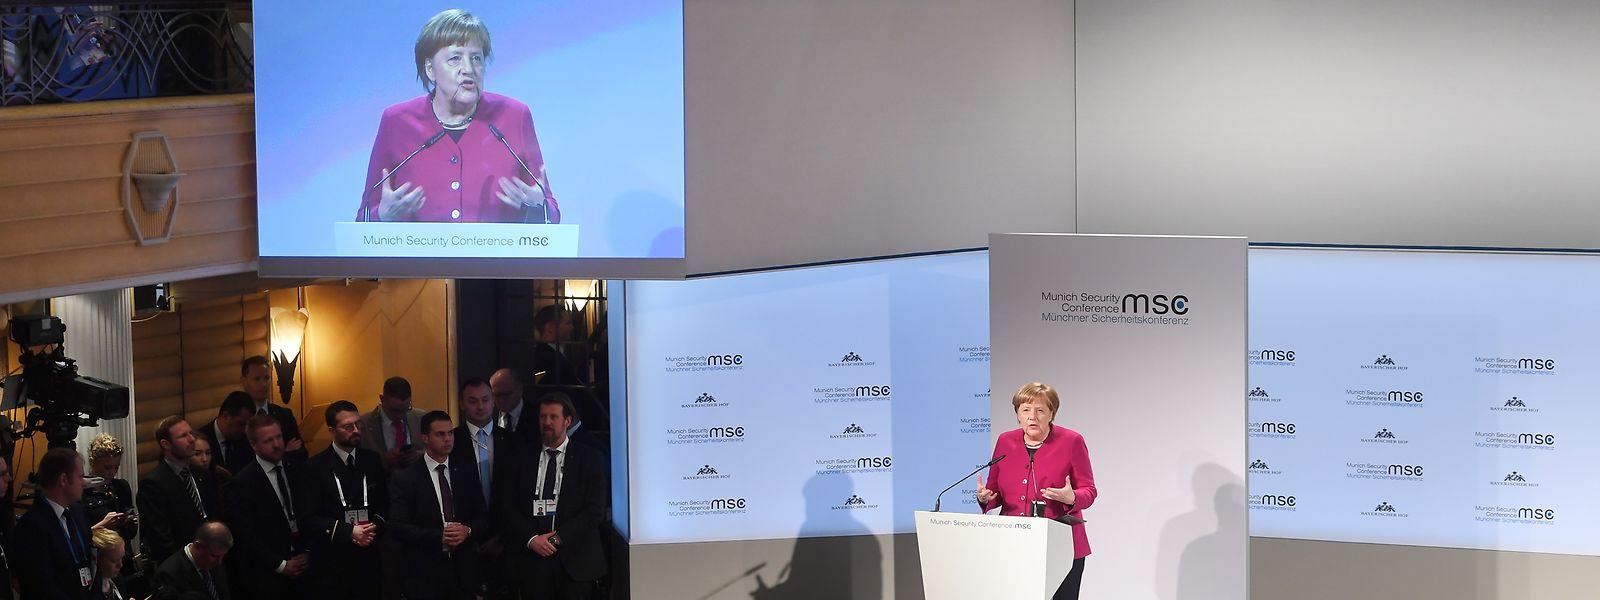 """Am Ende ihrer Rede fragt Angela Merkel, wer denn nun die Puzzleteile wieder zusammensetzt, in die die Welt gerade zerfällt. """"Nur wir alle zusammen"""", antwortet sie selbst. Das Publikum applaudiert."""